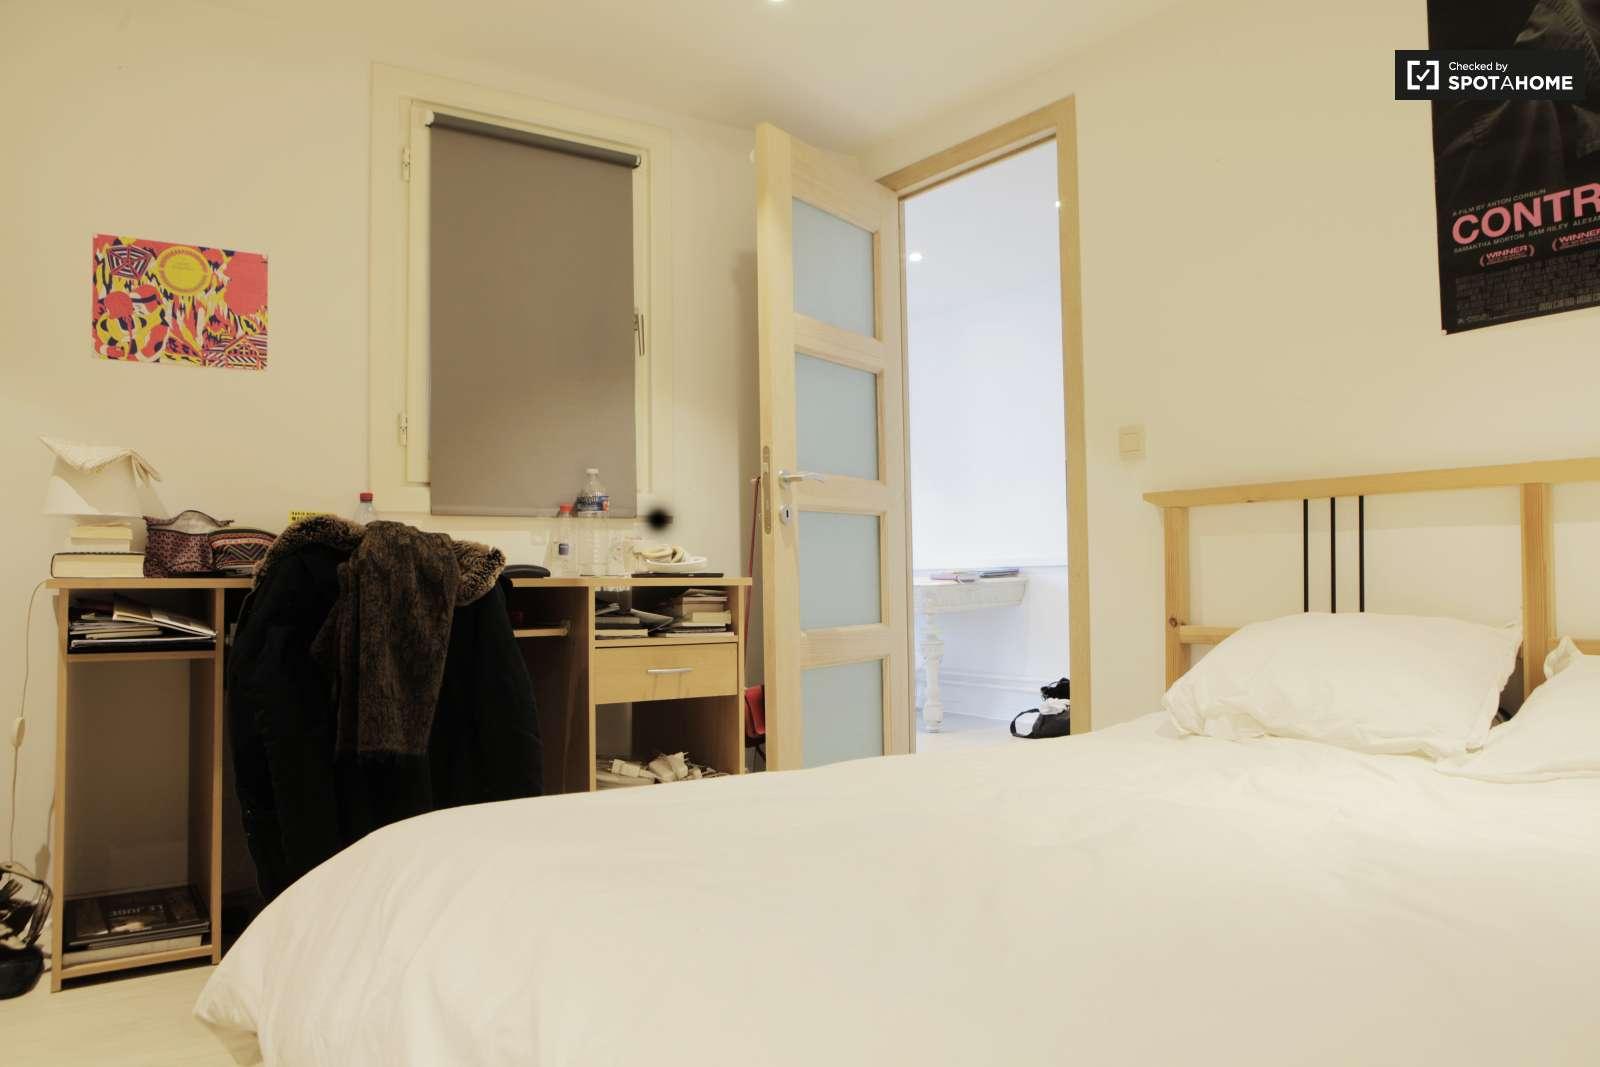 Chambre accueillante dans un appartement de 4 chambres for Emmenager dans un appartement